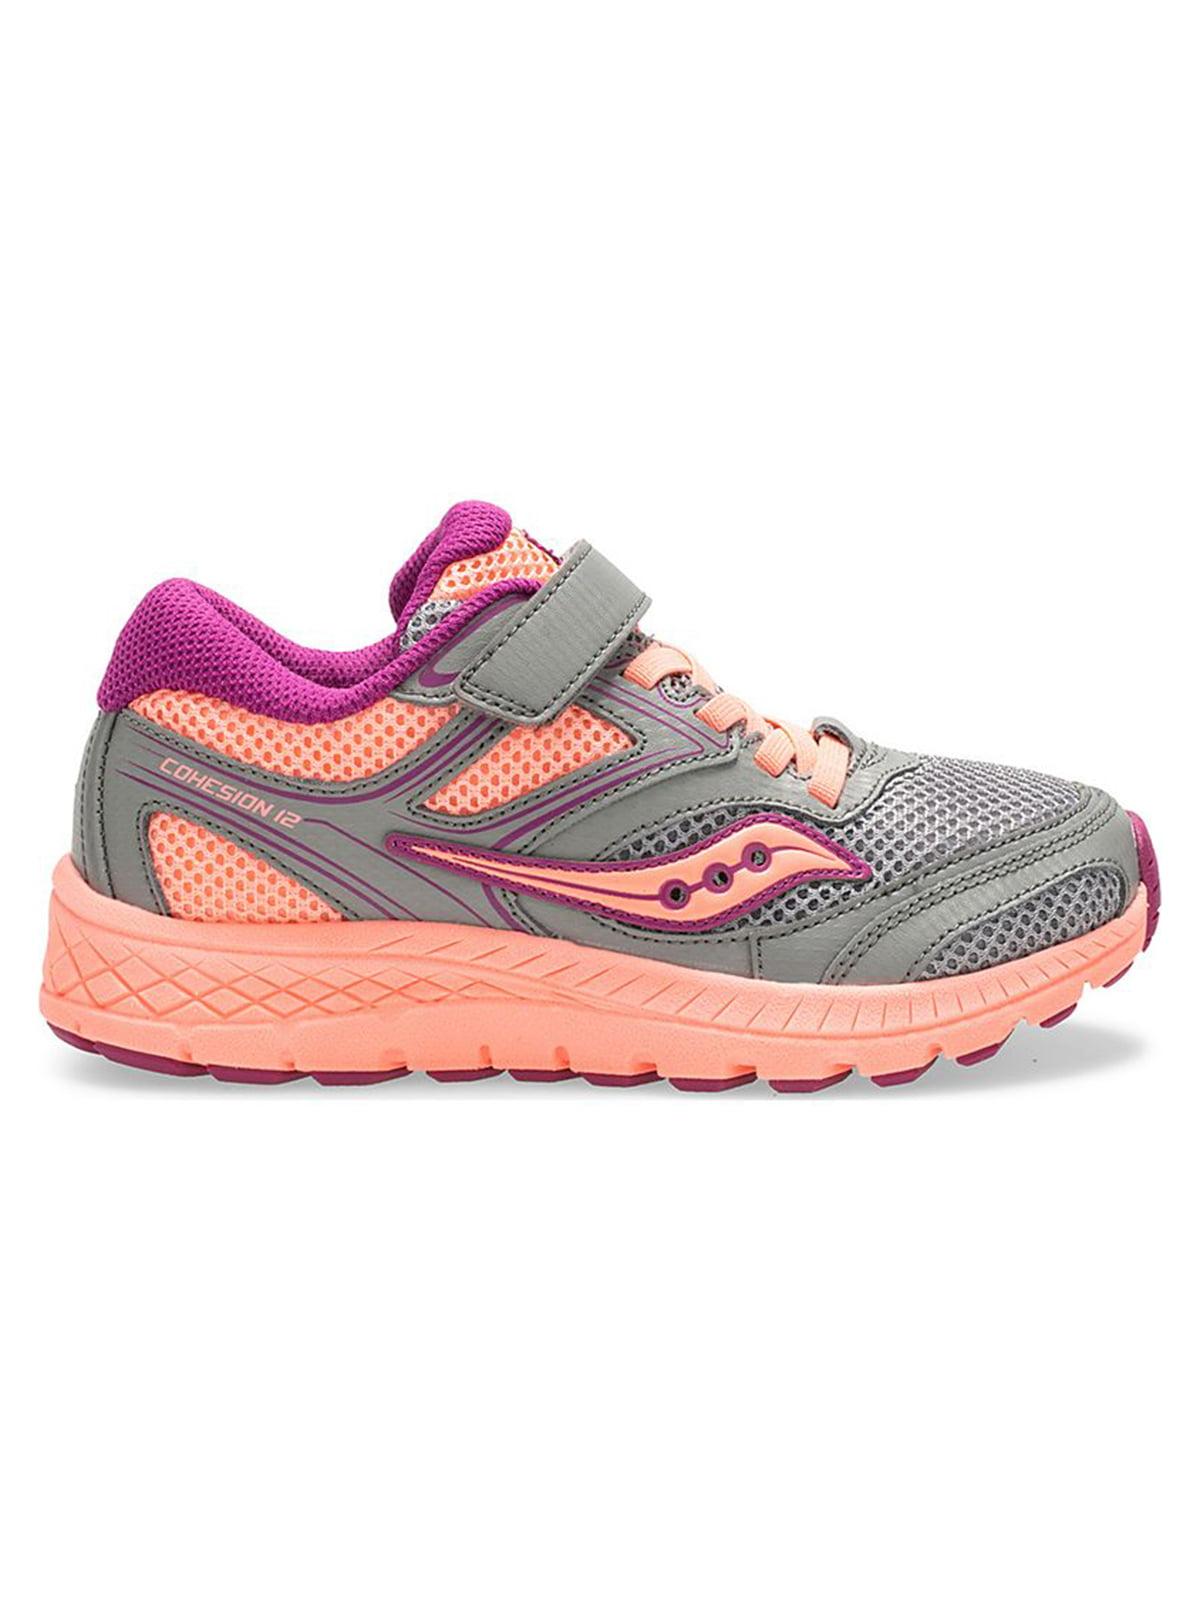 Кросівки сіро-коралові Cohesion 12 | 4920797